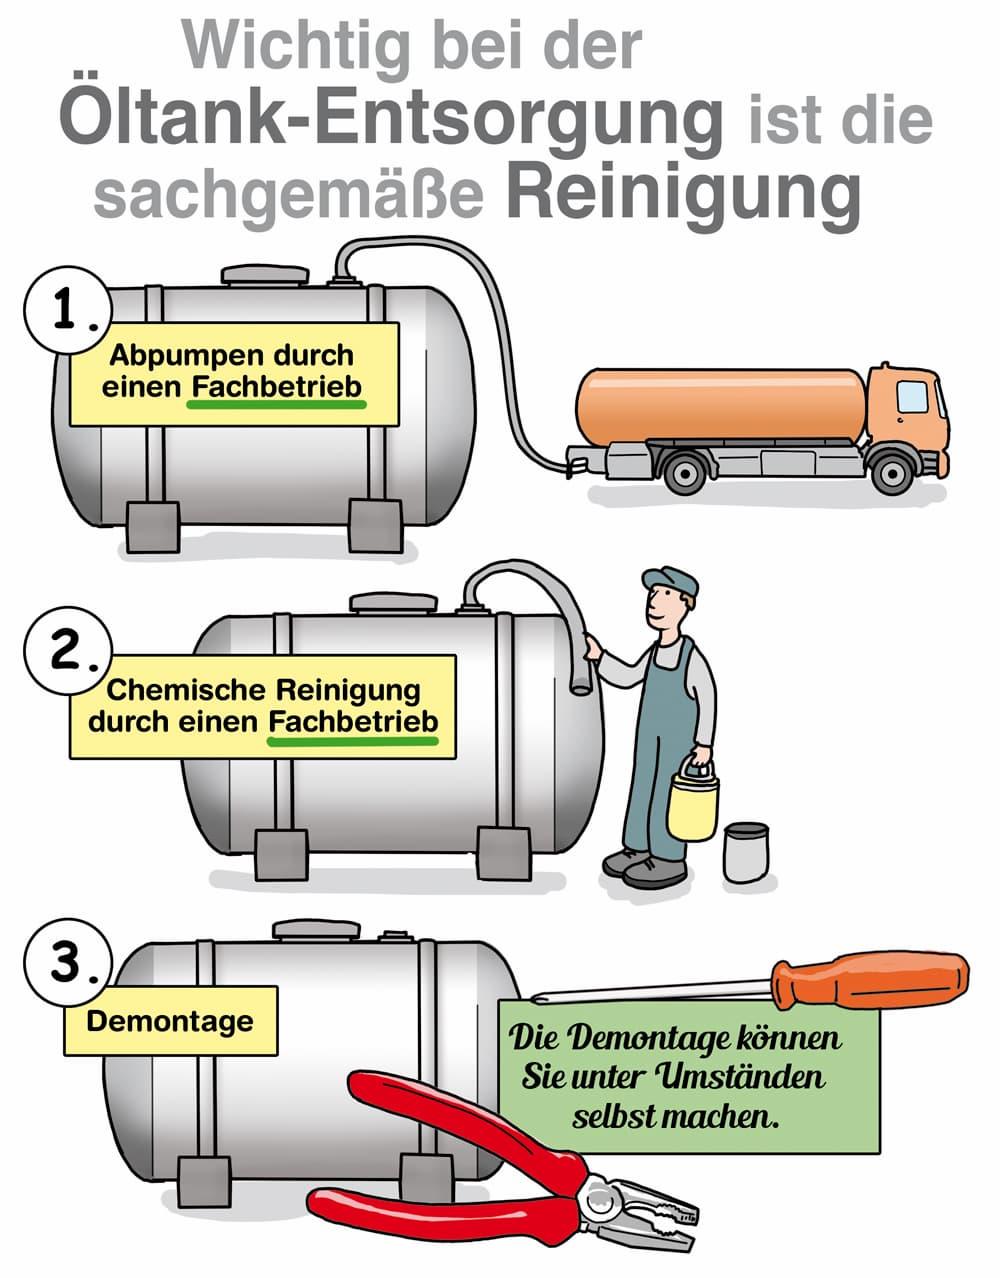 Wichtig bei der Öltankentsorgung ist die sachgemäße Reinigung